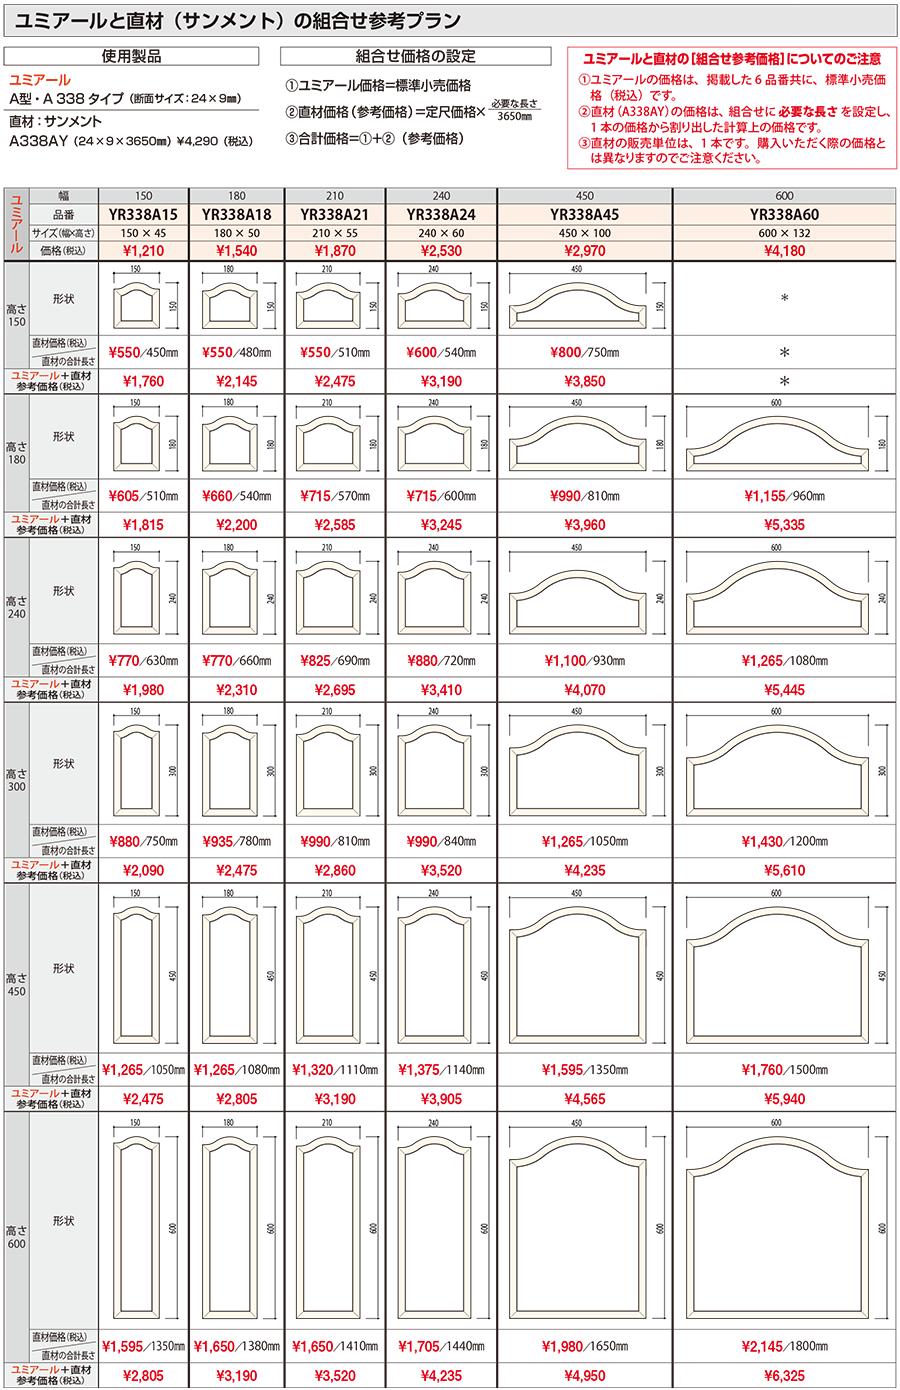 ユミアールとサンメント直材の組み合わせ参考プラン